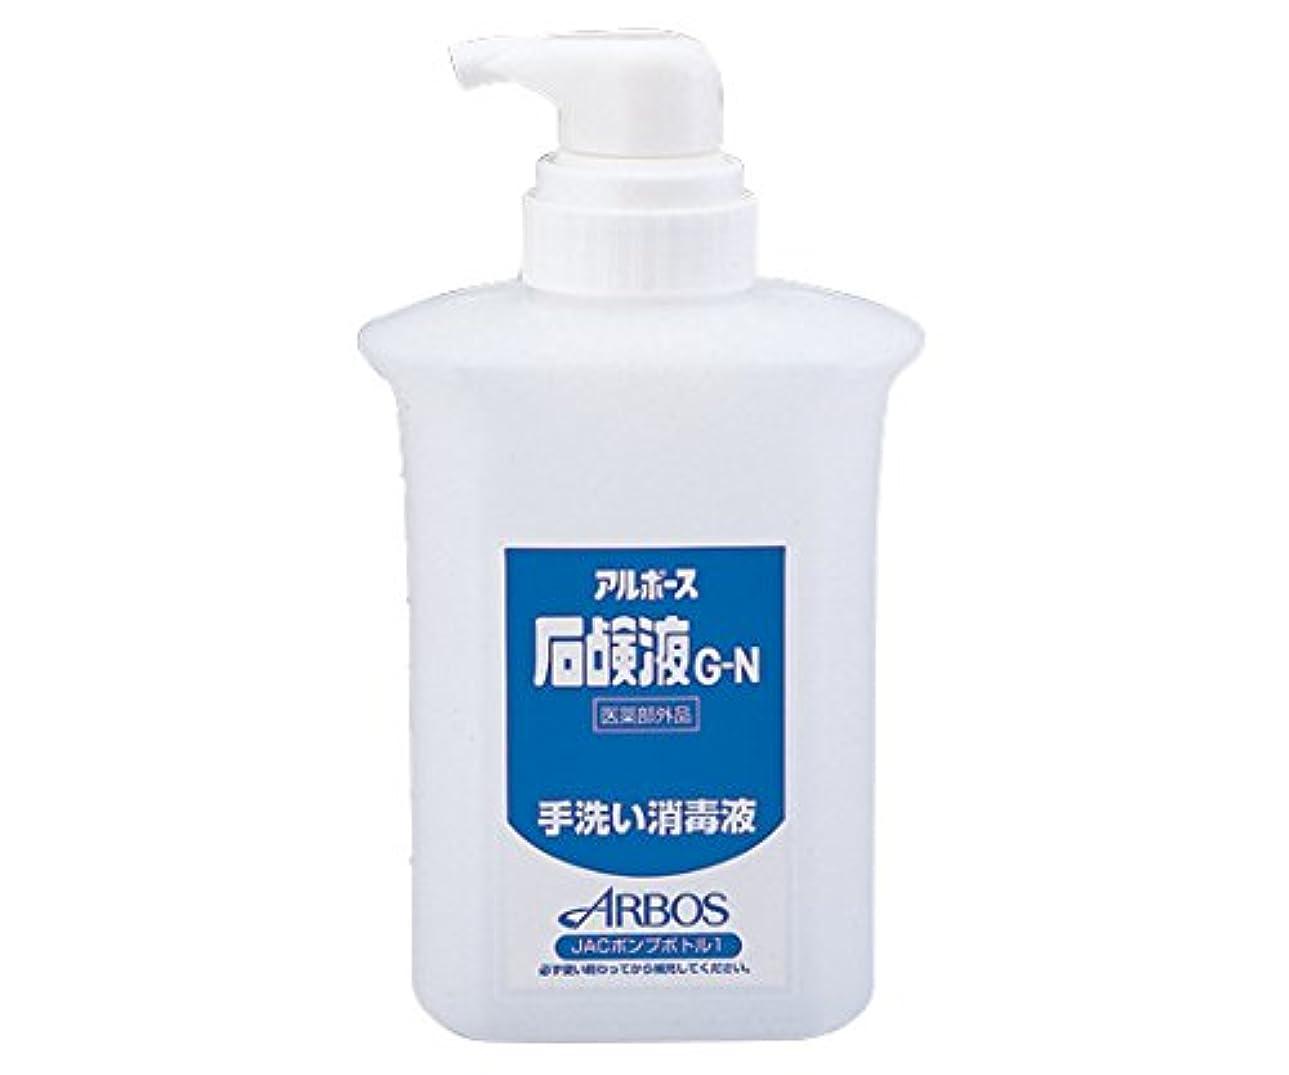 親密な潮薄暗いアルボースiG-N用ポンプボトル 1000mL